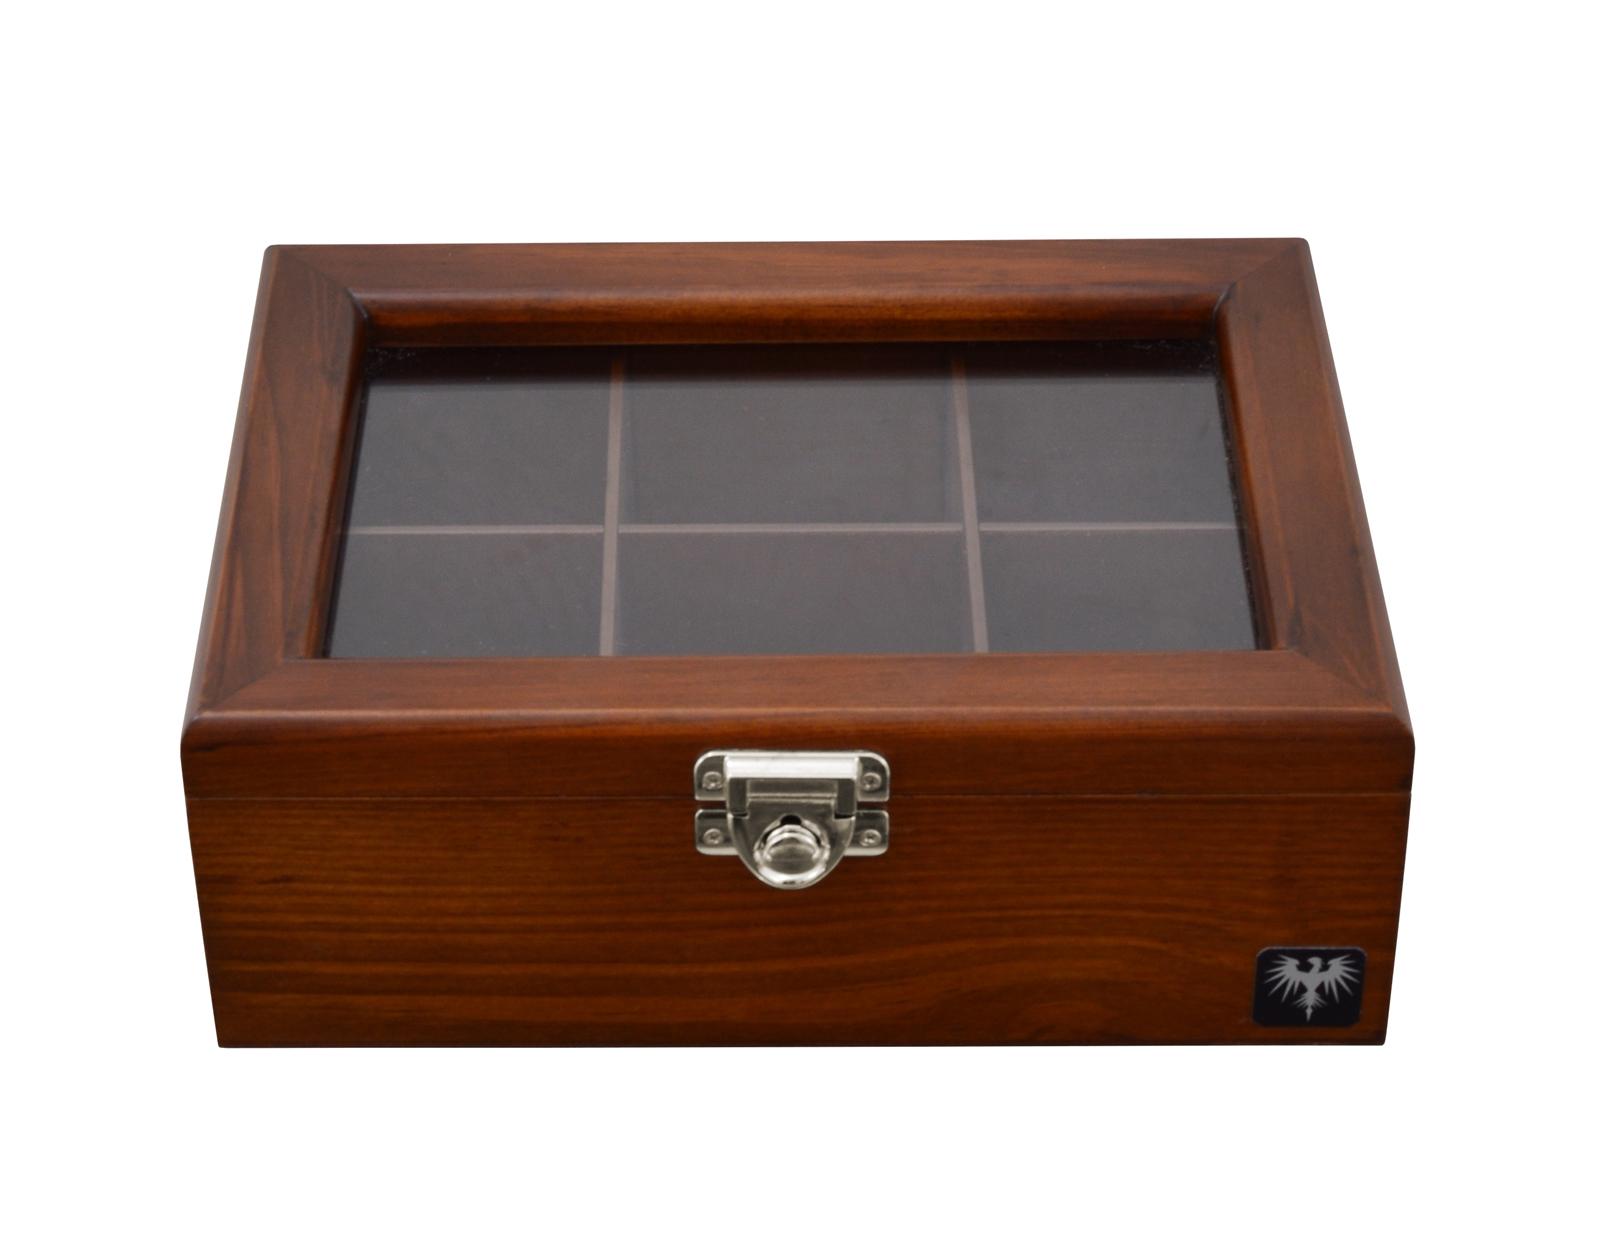 porta-cha-6-casulos-madeira-macica-tabaco-caixa-de-cha-imagem-6.JPG